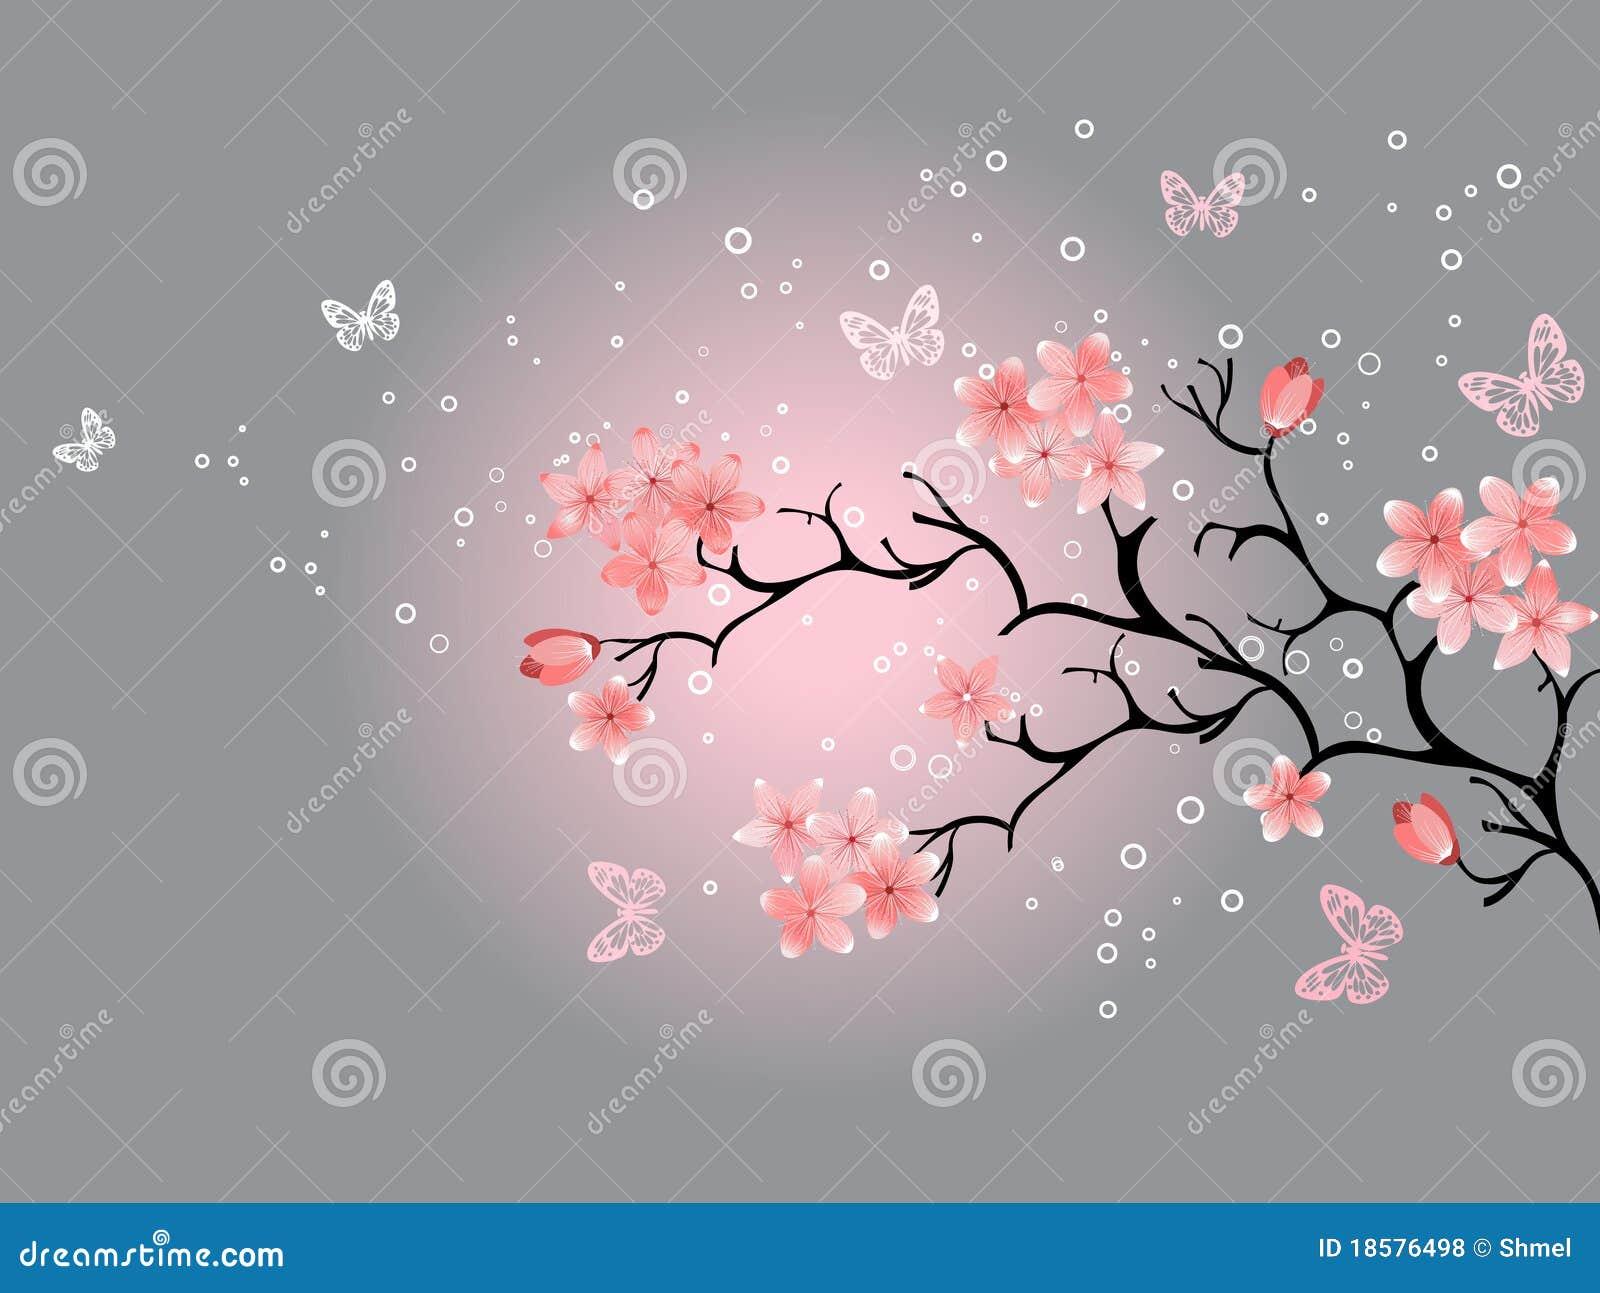 Fiore di ciliegia, priorità bassa grigia